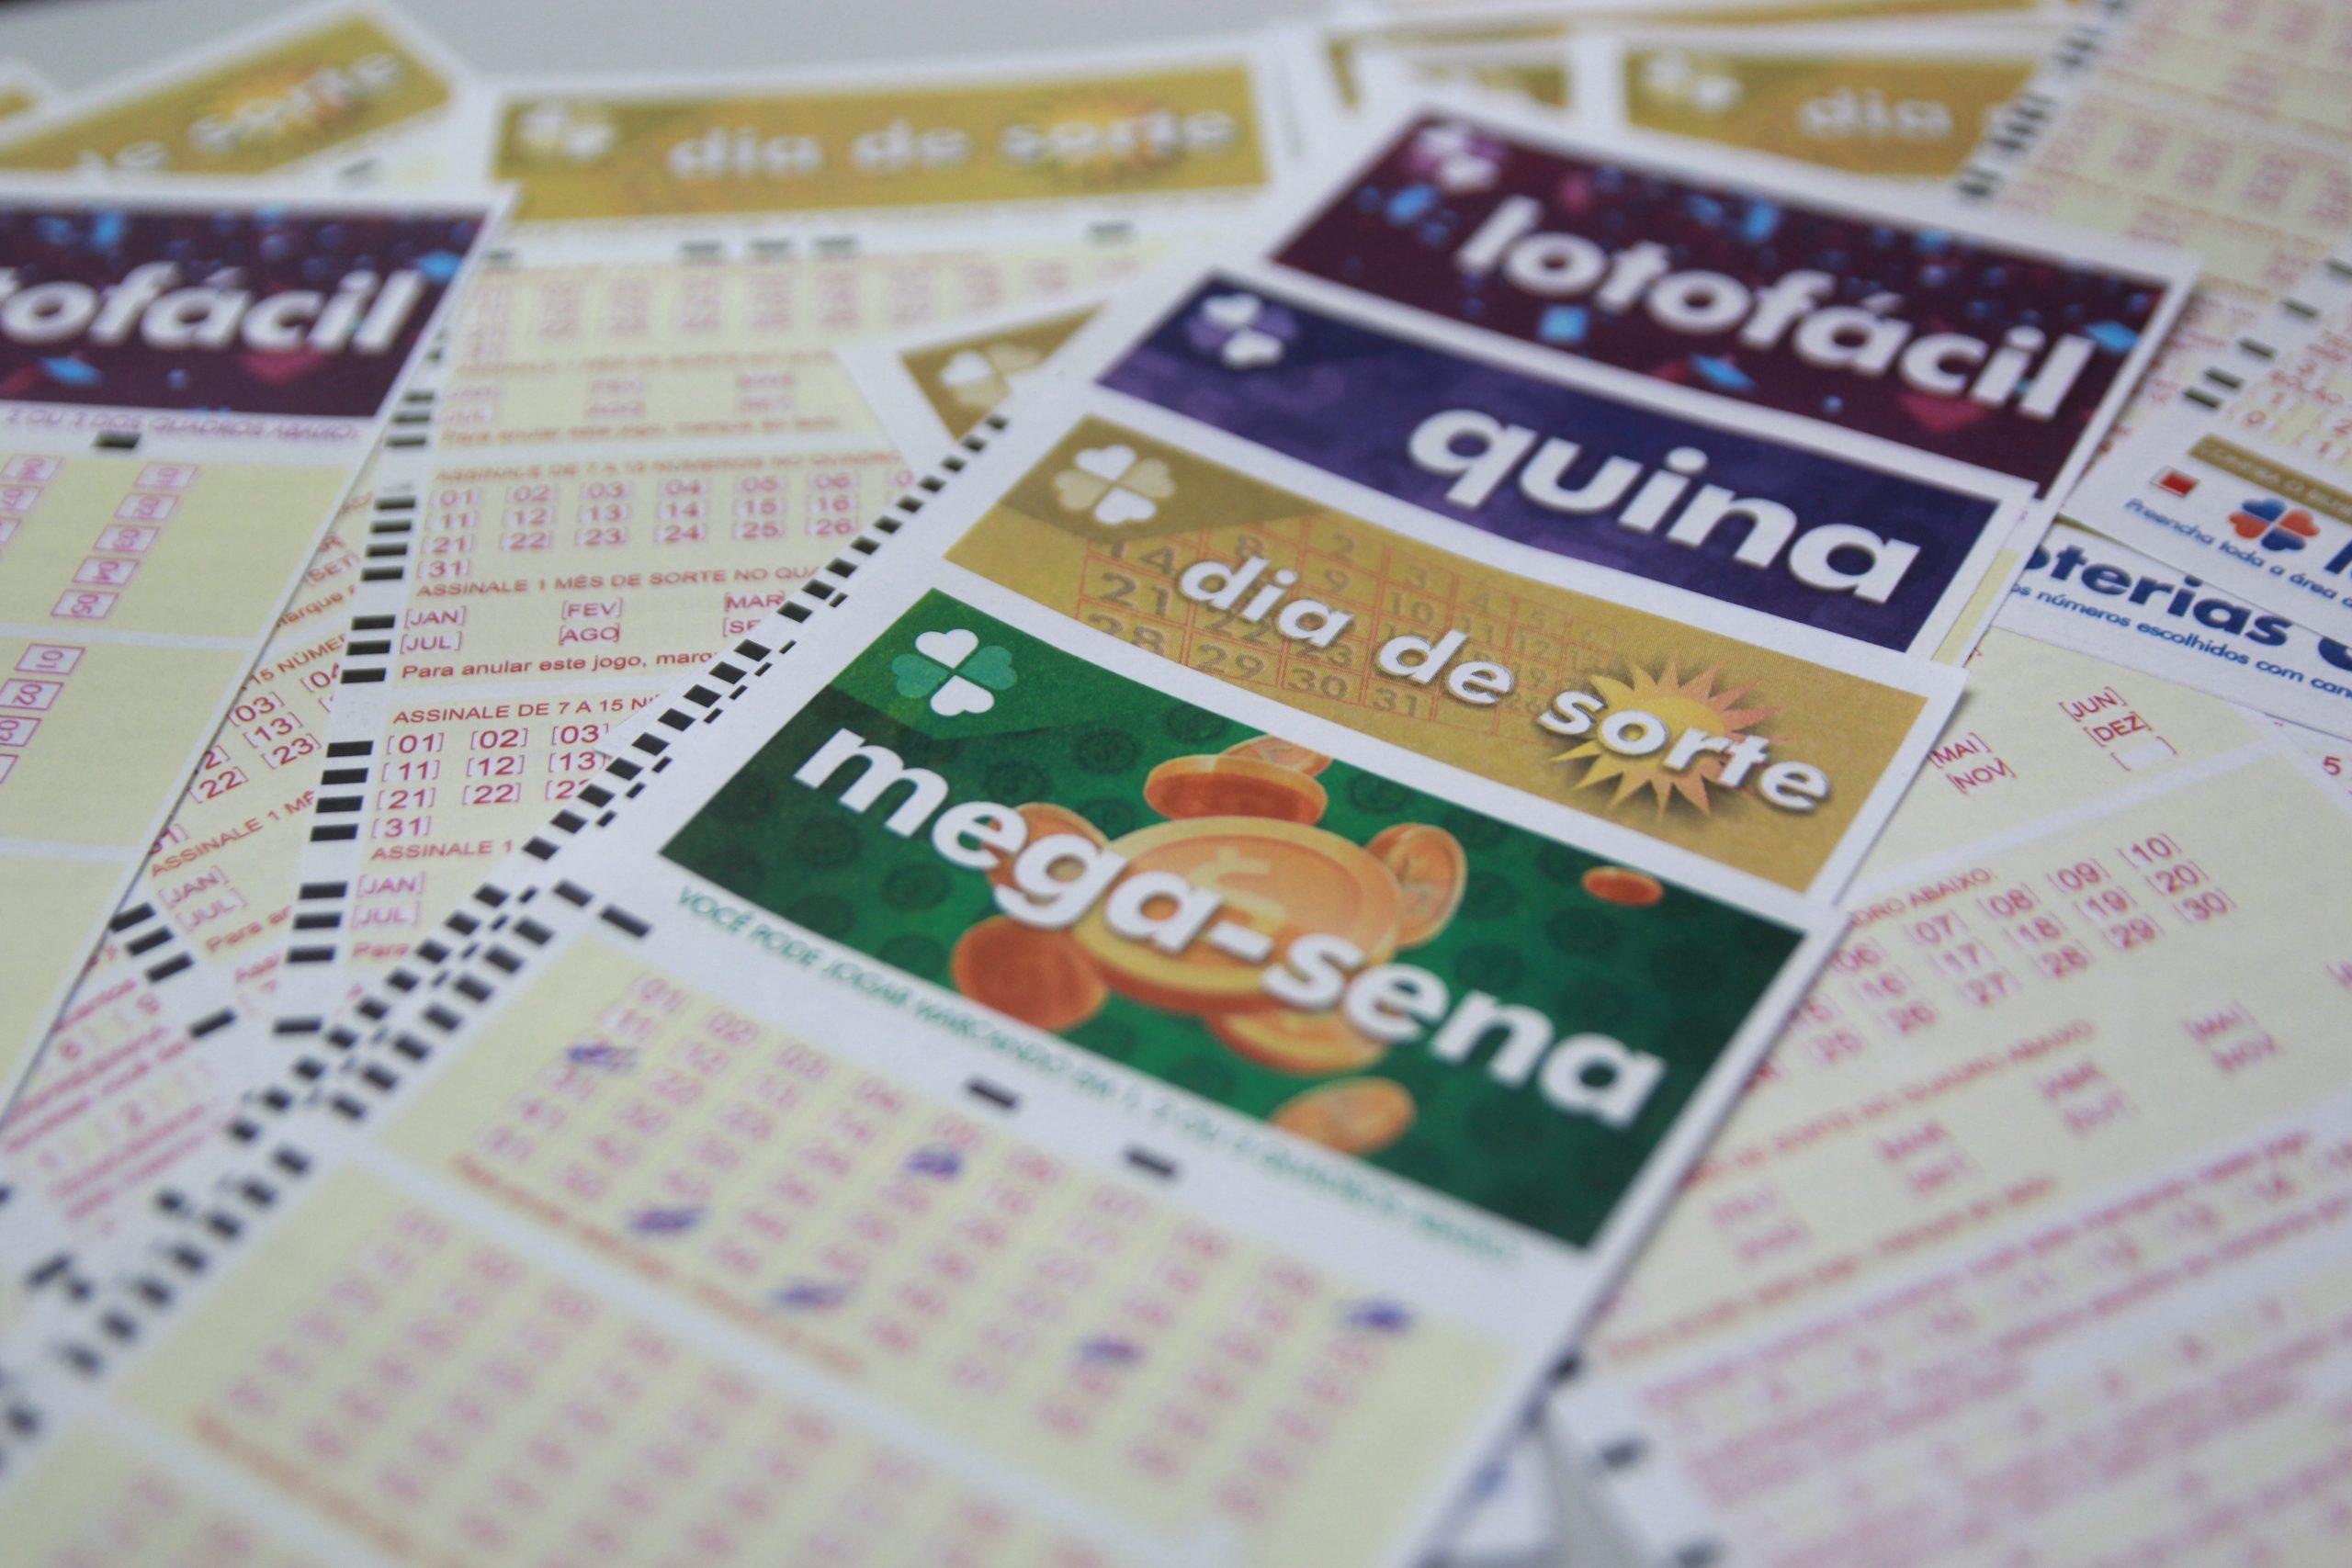 Loterias: confira o resultado da Mega-Sena 2419, Federal 5606 e demais sorteios de sábado (16/10)